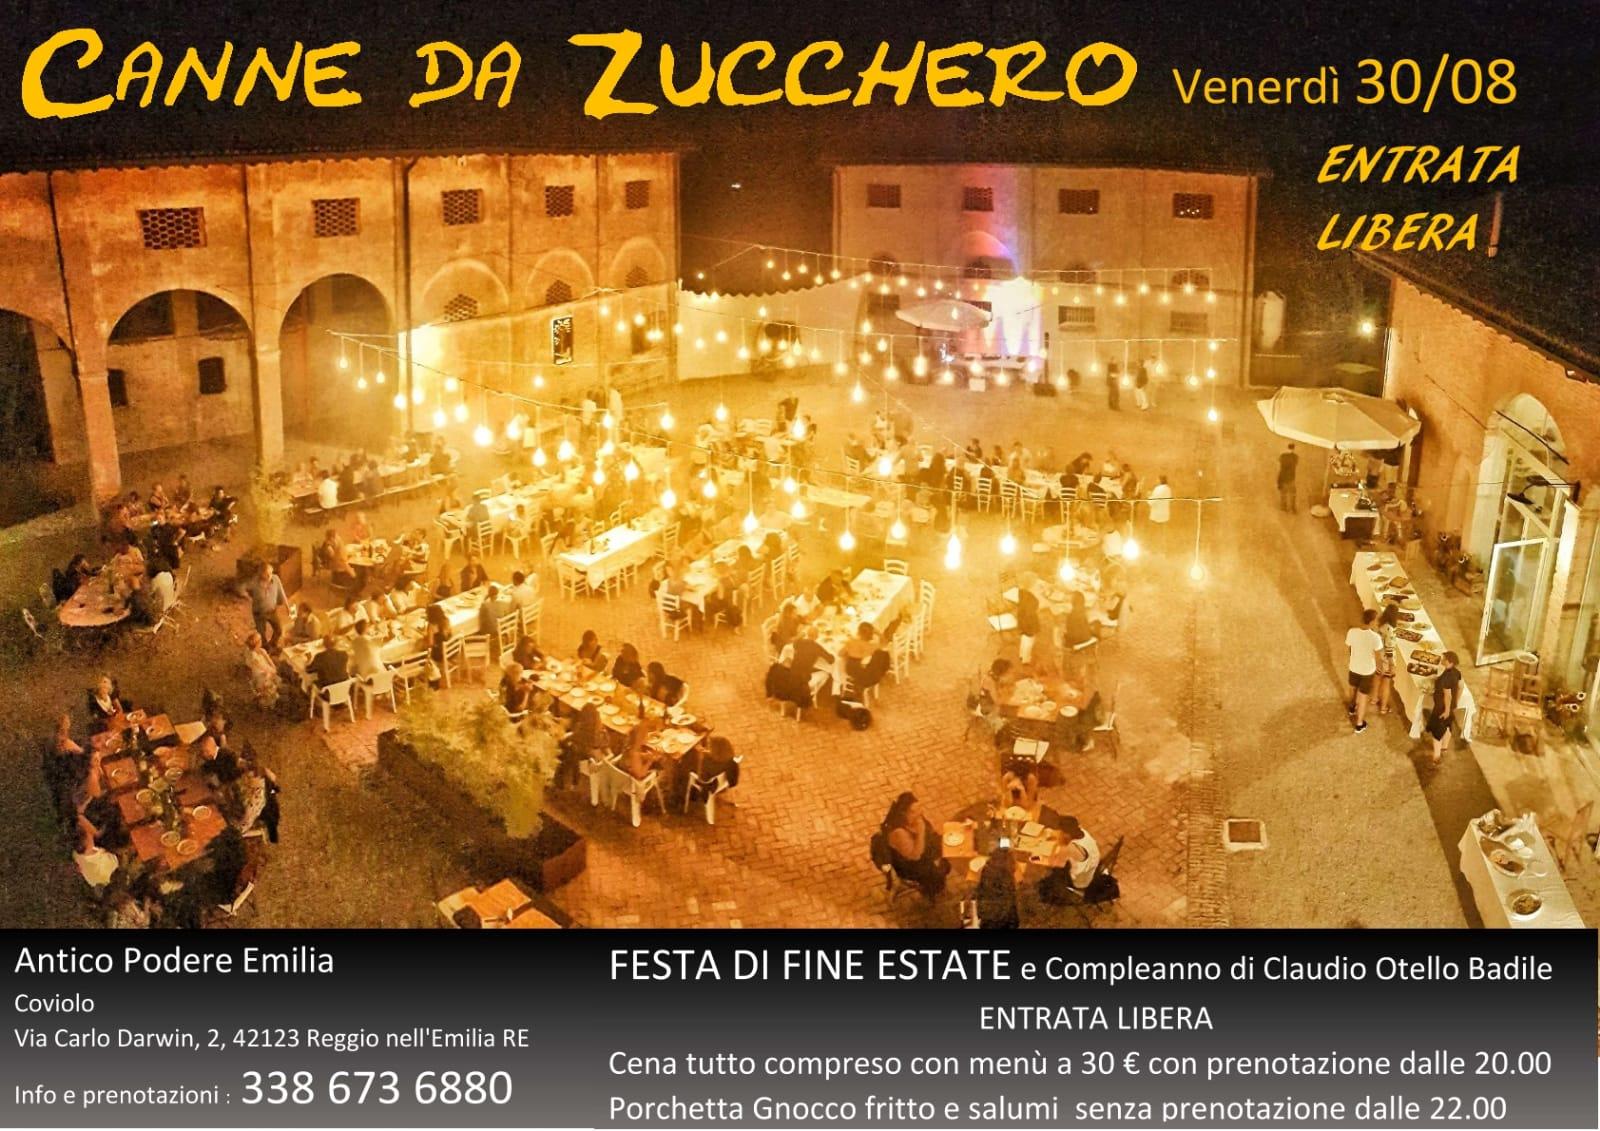 Festa di fine estate e compleanni all'Antico Podere Emilia